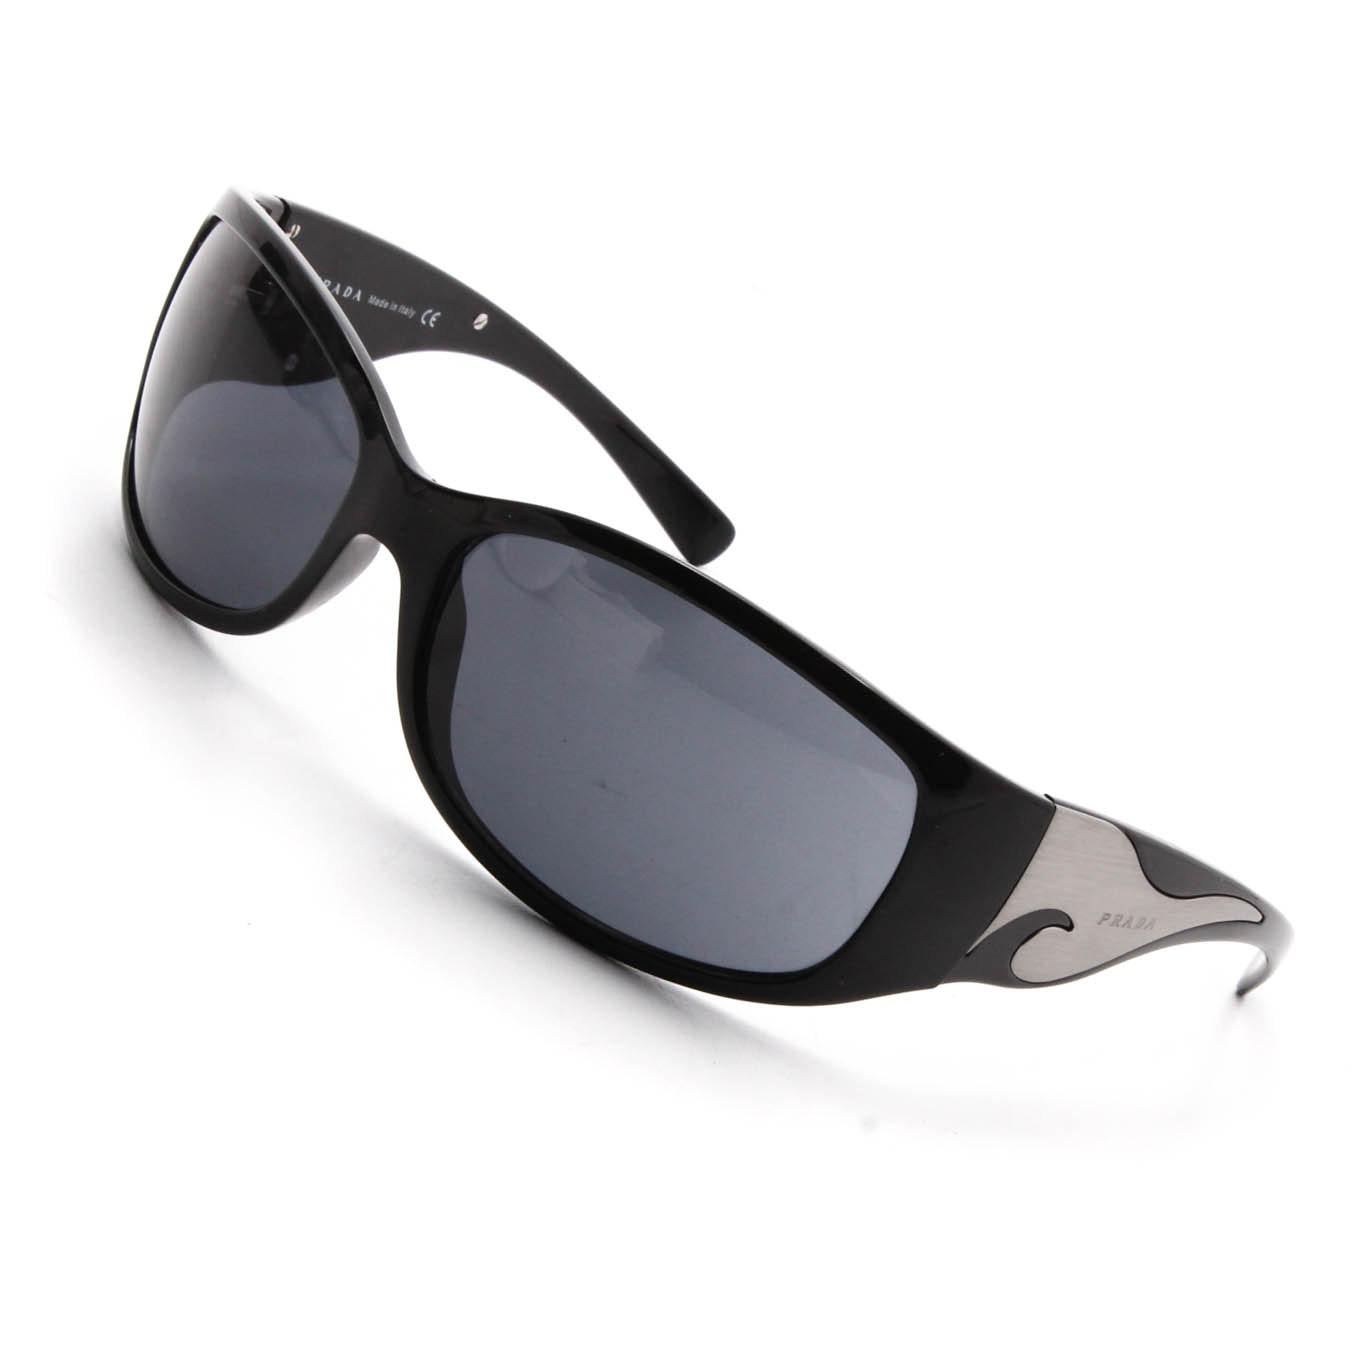 Prada Black Acetate Engraved Logo Plate Wrap Sunglasses